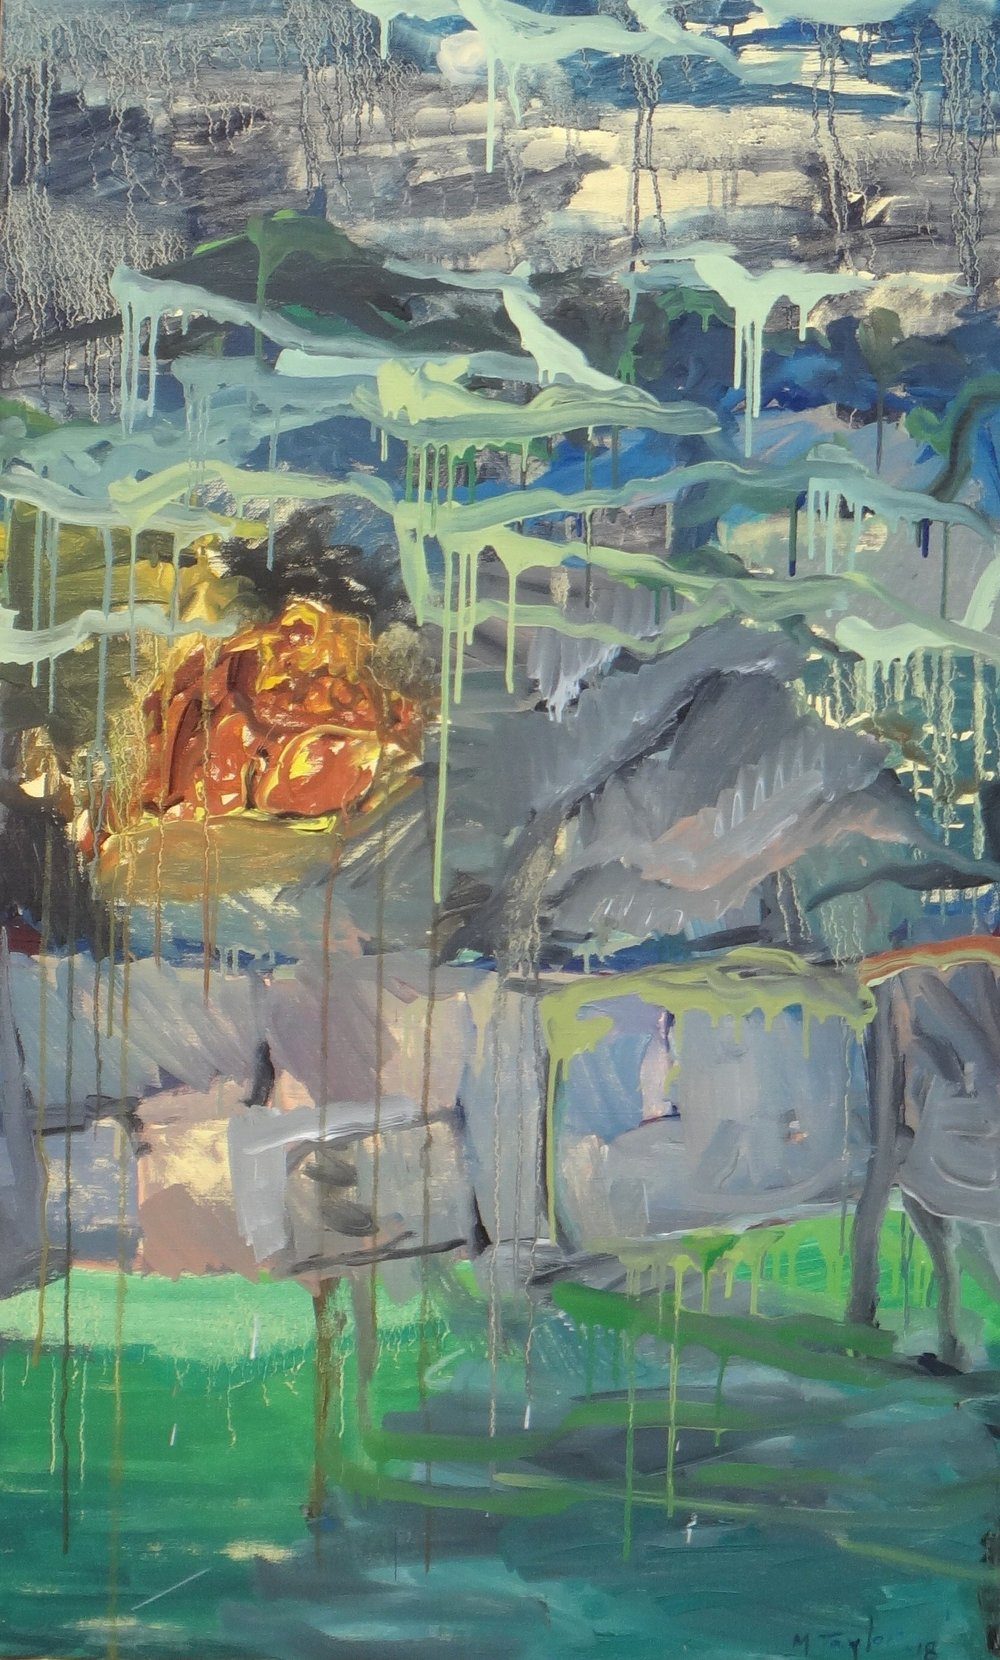 Waterside. 2018. oil on canvas. 137 x 84 cm. $8,000